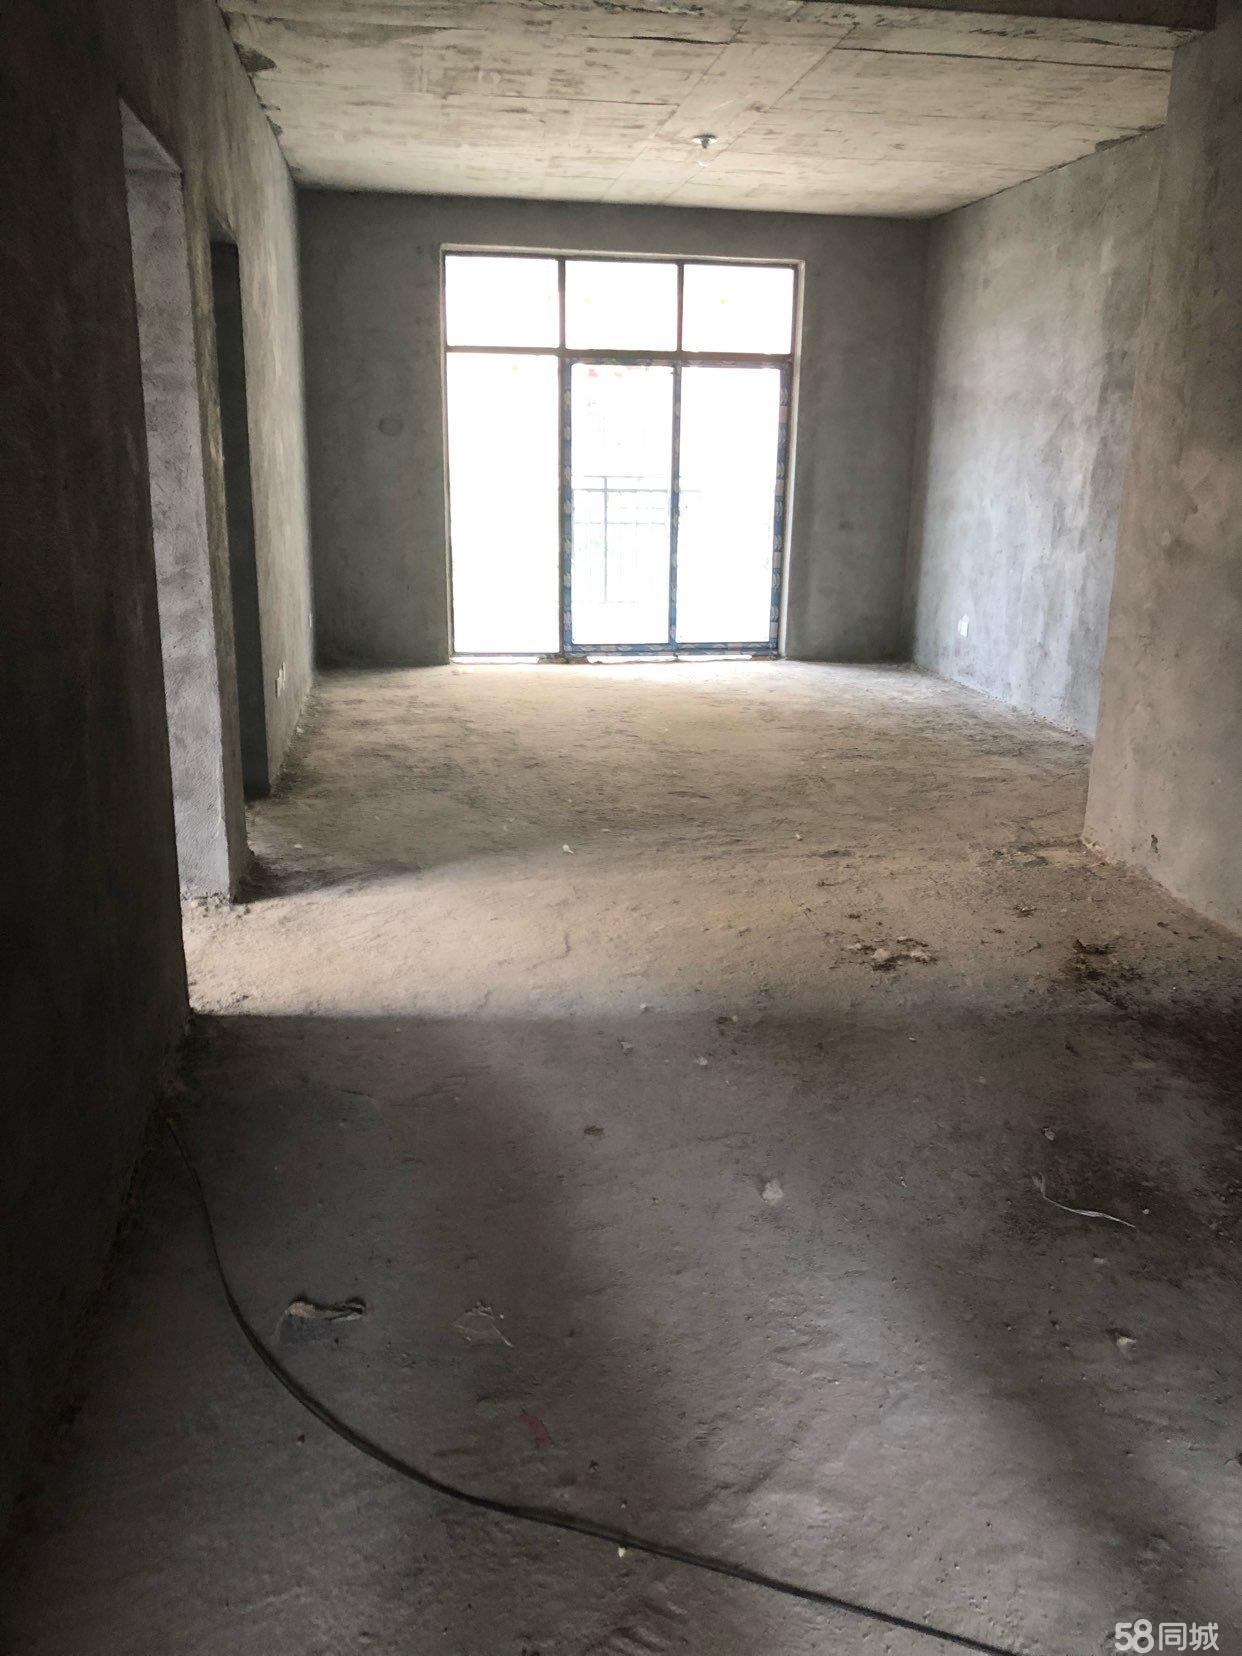 明港富林清华园大产权、毛坯新房、一楼带院、户型好、采光好。